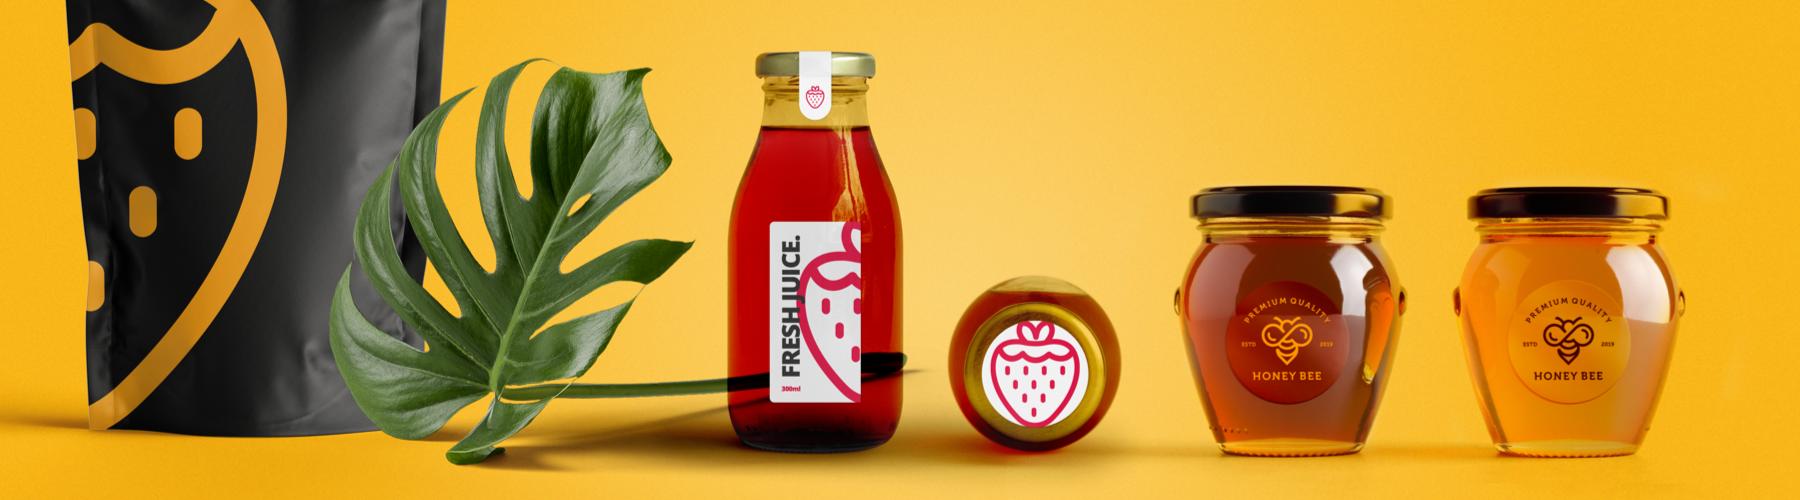 Imballaggi alimentari economici con etichette